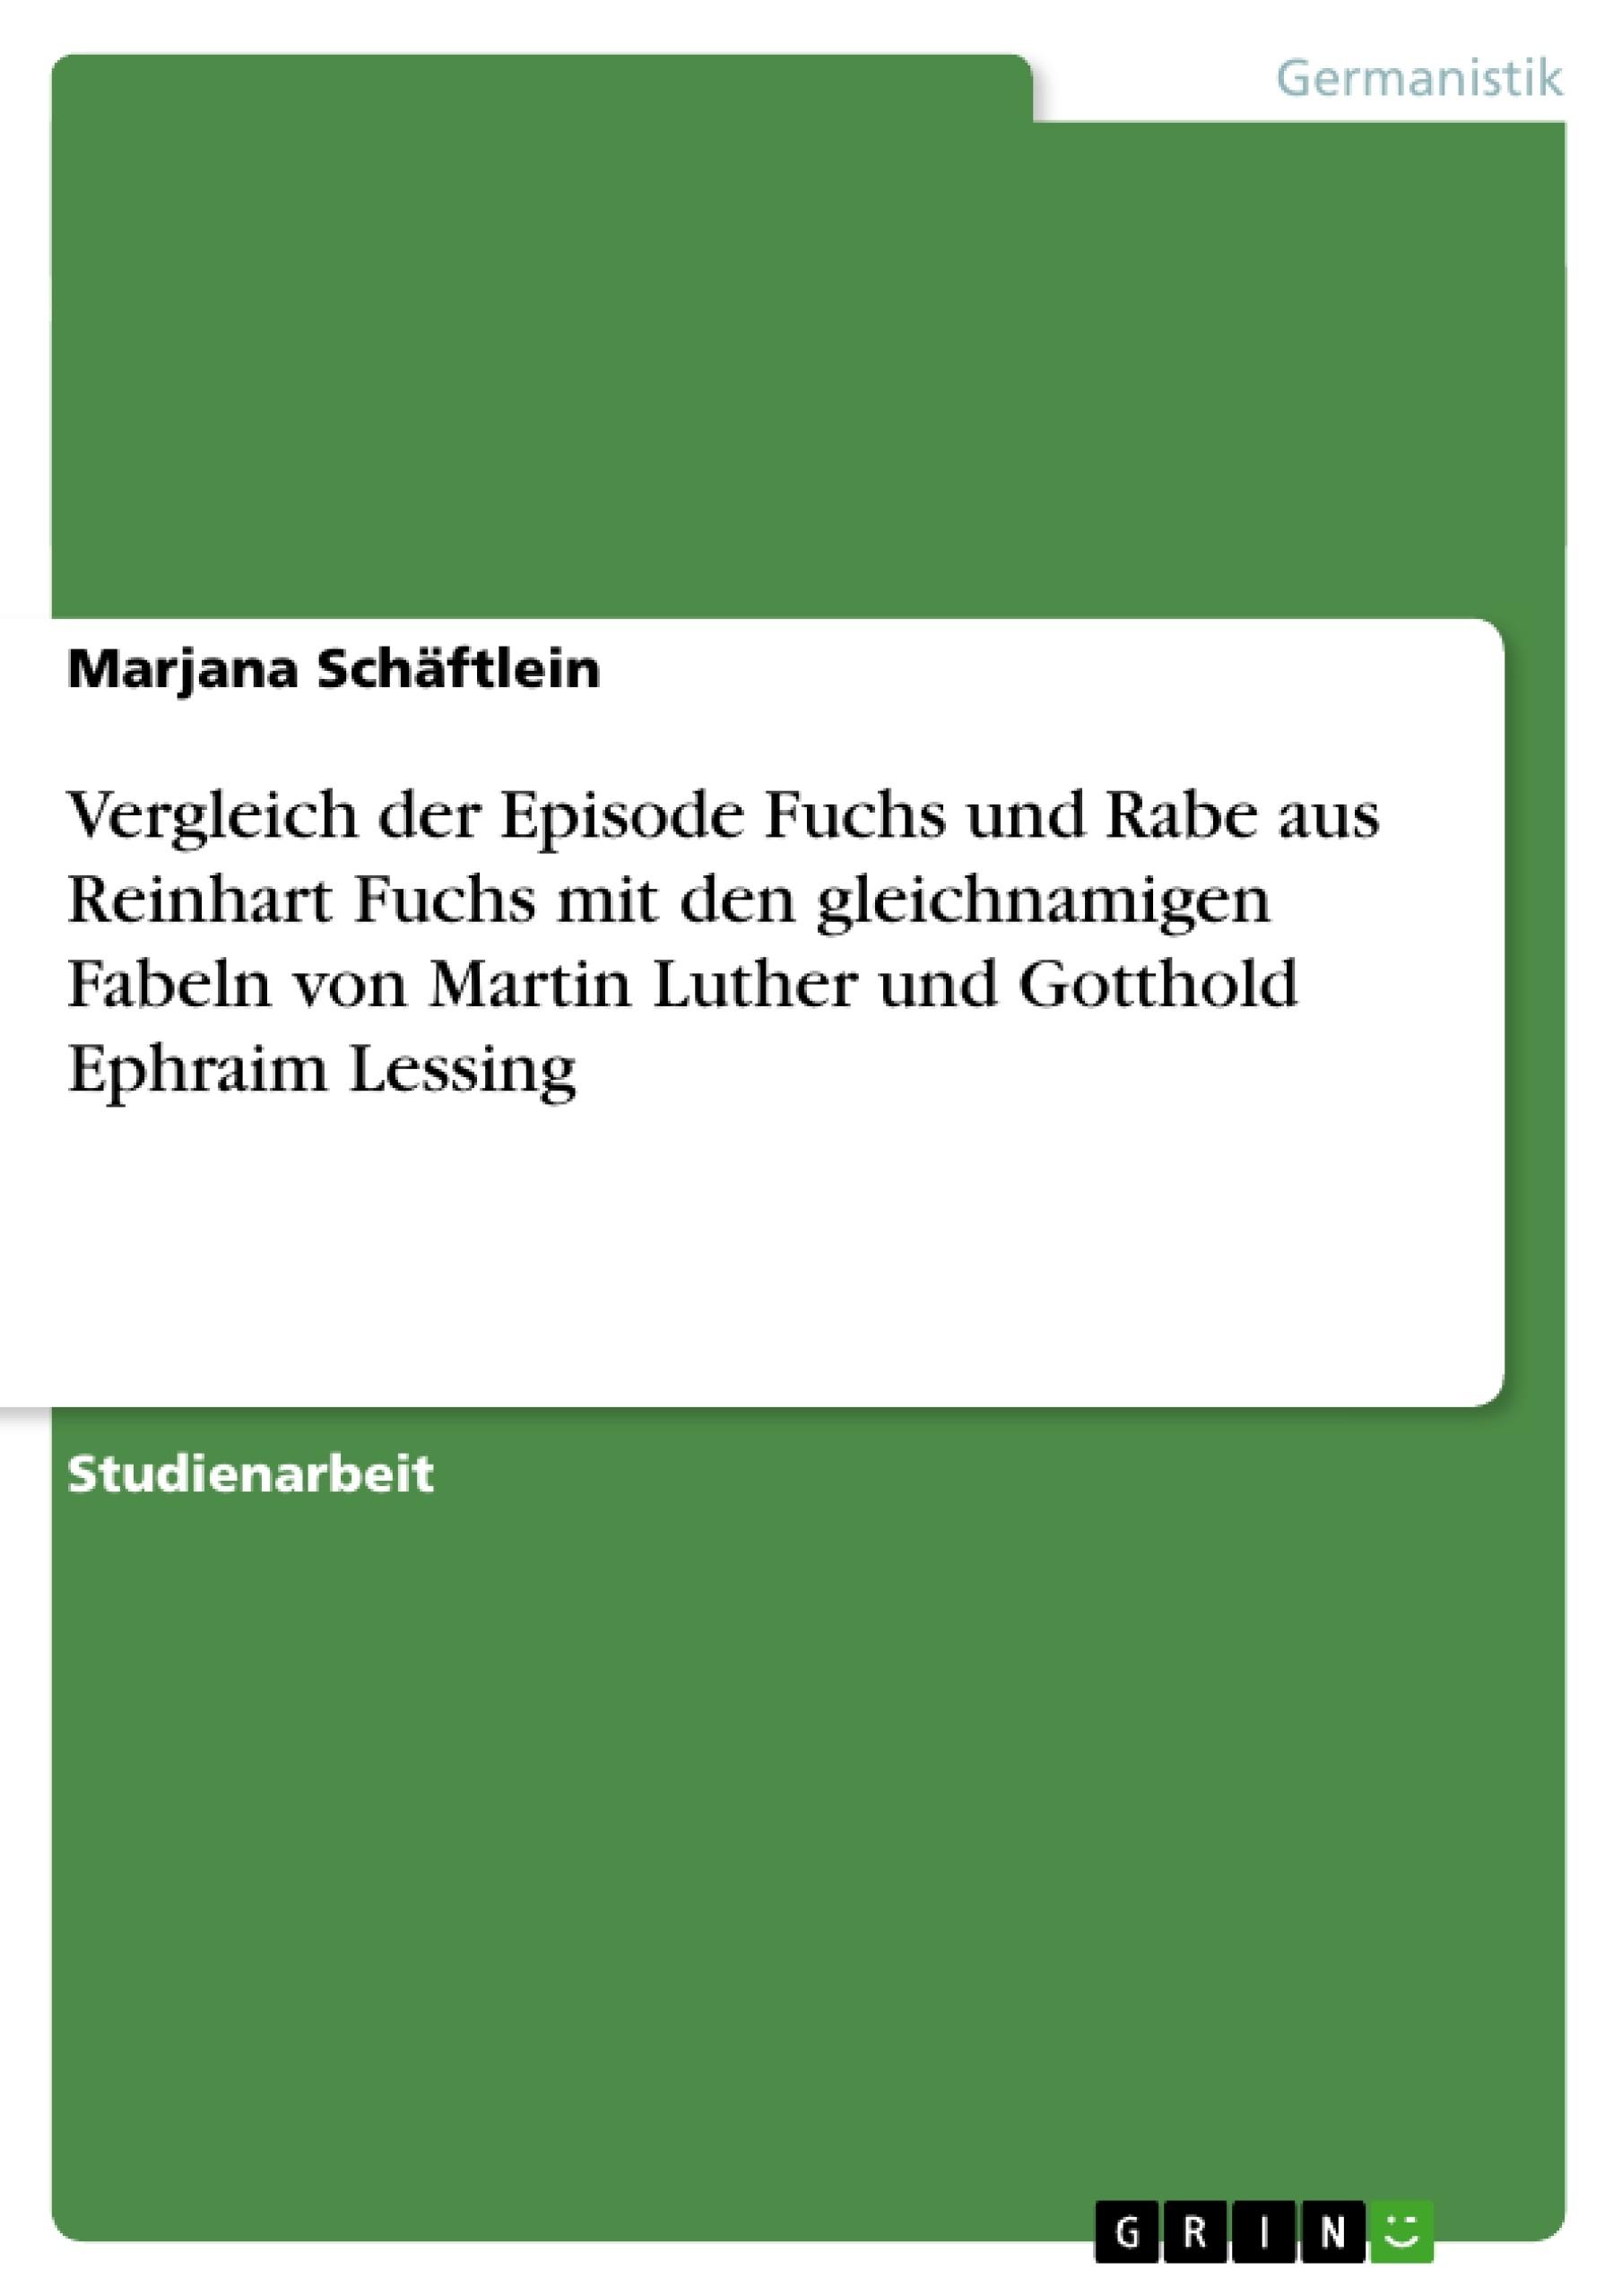 Titel: Vergleich der Episode Fuchs und Rabe aus Reinhart Fuchs mit den gleichnamigen Fabeln von Martin Luther und Gotthold Ephraim Lessing